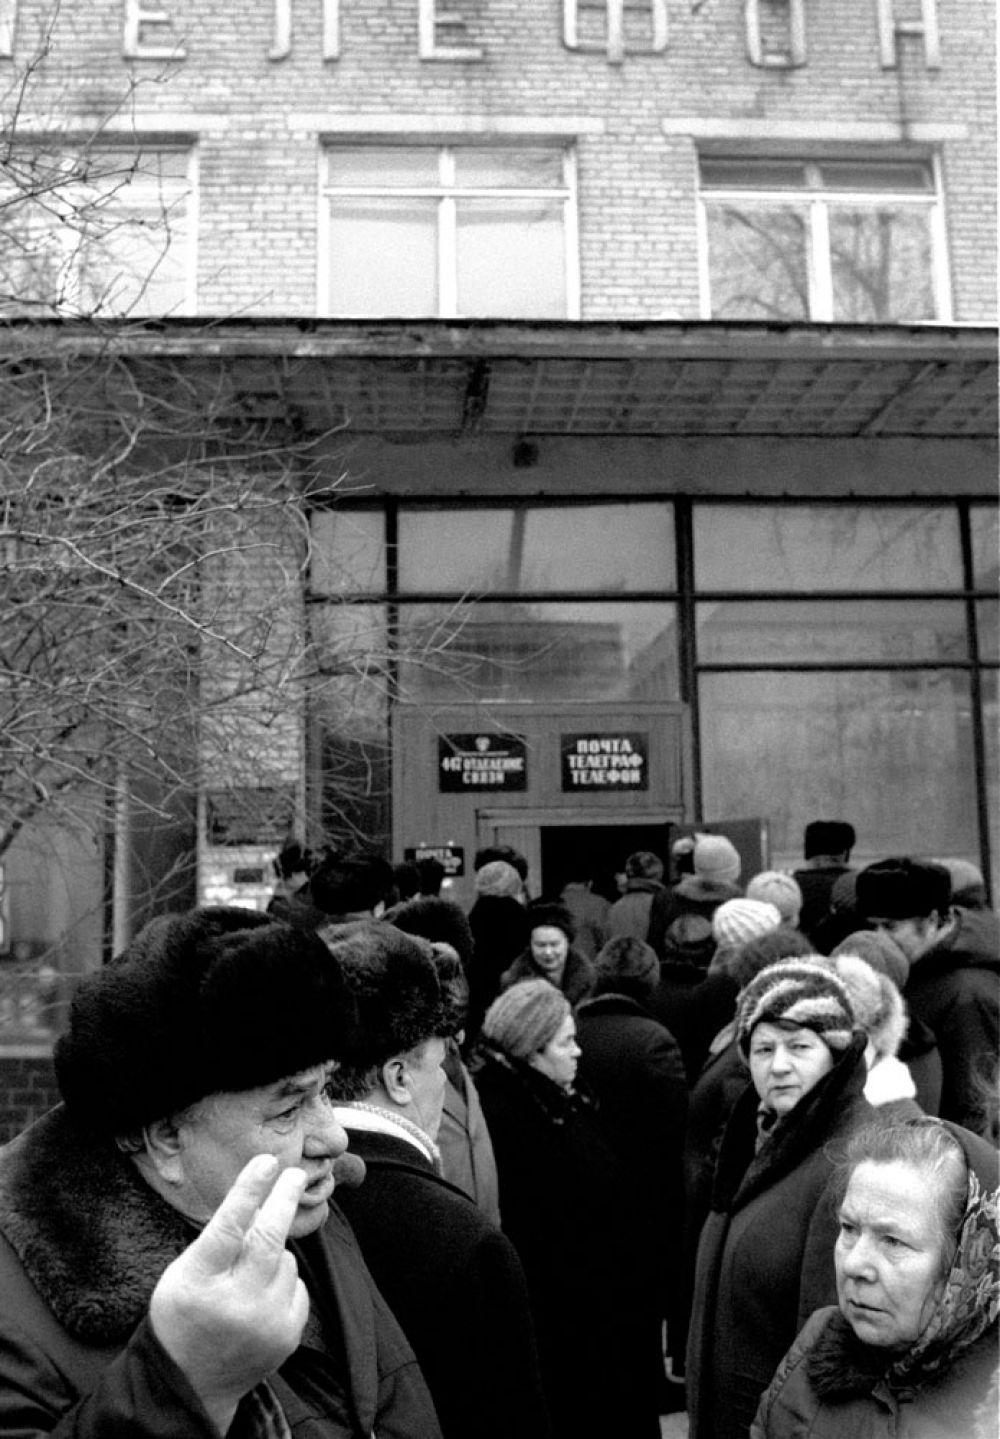 Инициатором конфискационной денежной реформы был министр финансов СССР Валентин Павлов, который еще летом 1990 г. секретной запиской довел до сведения президента СССР Михаила Горбачева и председателя Совета министров СССР Hиколая Рыжкова свои соображения в пользу обмена 50 и 100 рублевых купюр образца 1991 г. По его сведениям, крупнокупюрные советские денежные знаки в большом количестве сконцентрировались за рубежом и в руках теневого капитала.